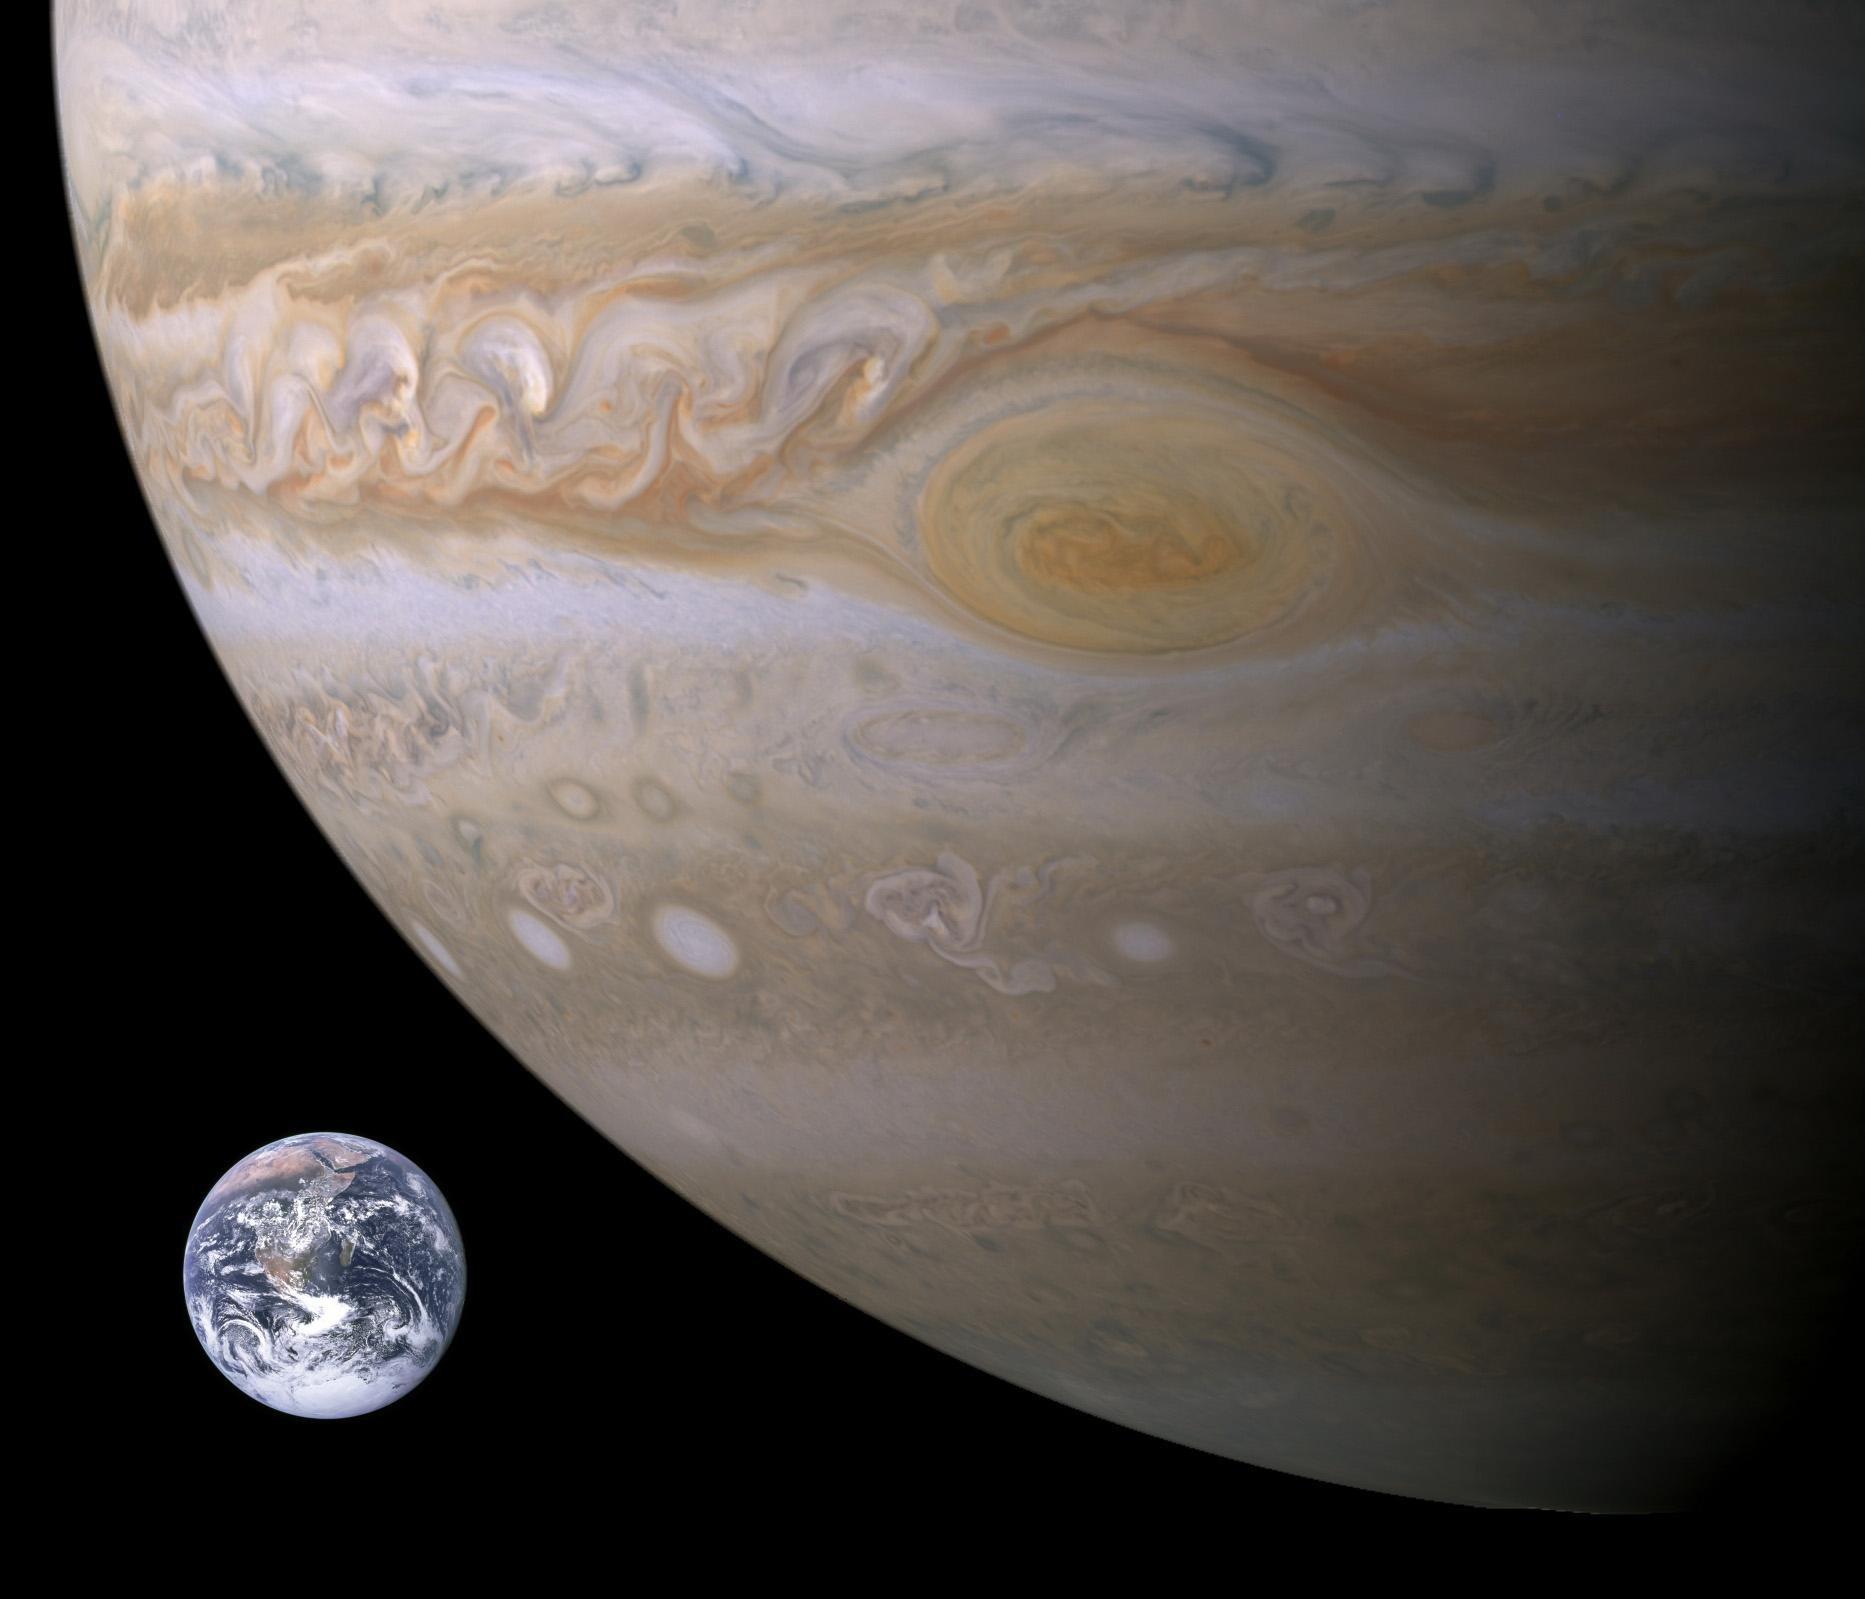 размером страницу юпитер и земля планета фото сегодняшний момент